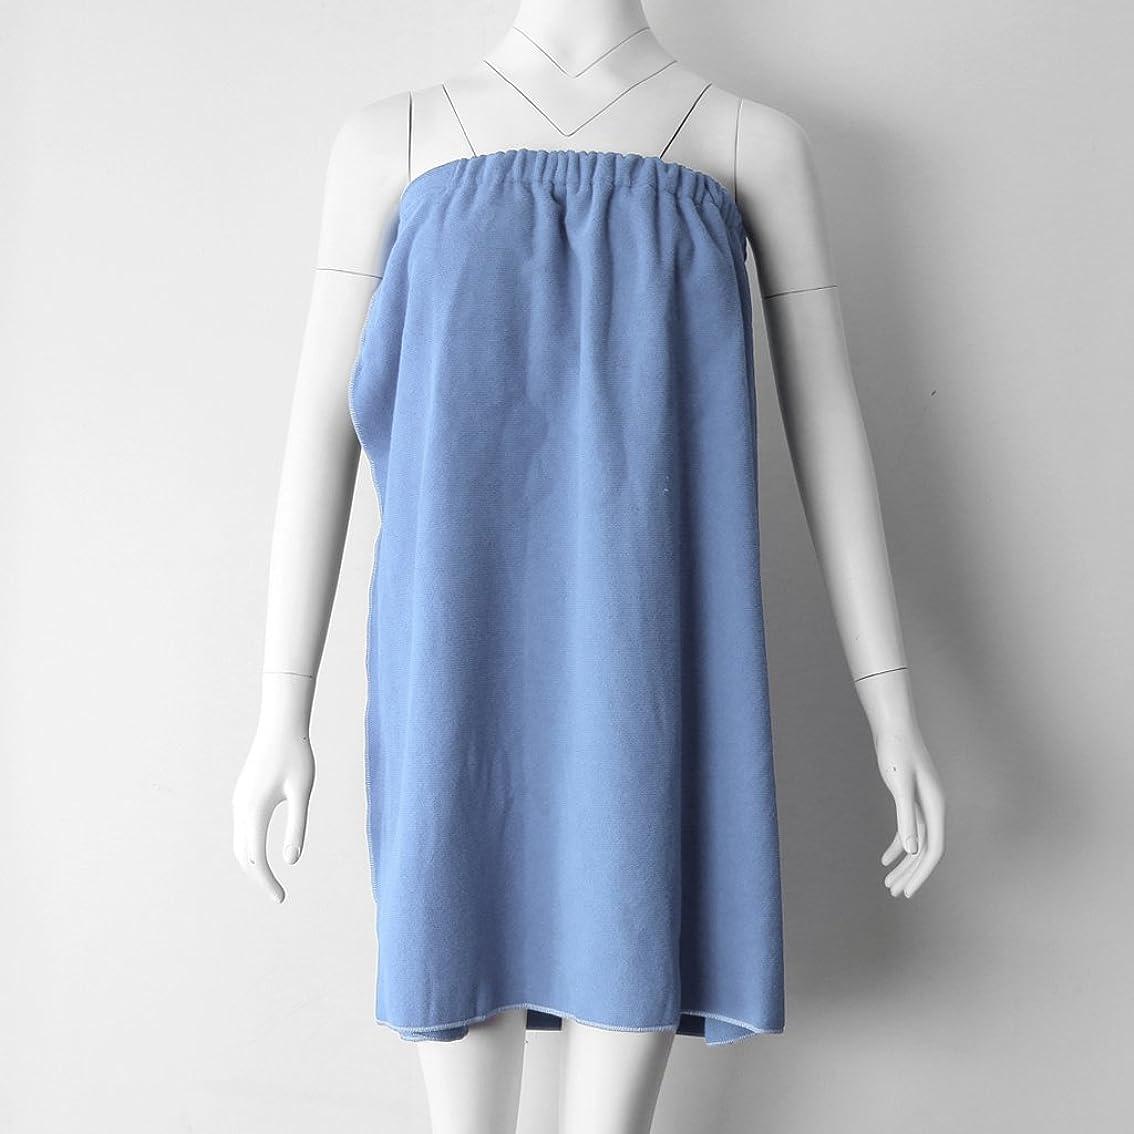 チョップ突っ込む在庫Perfk タオルラップ バスタオル バススカート レディース シャワーラップ 約68×54cm 4色選べる - ライトブルー